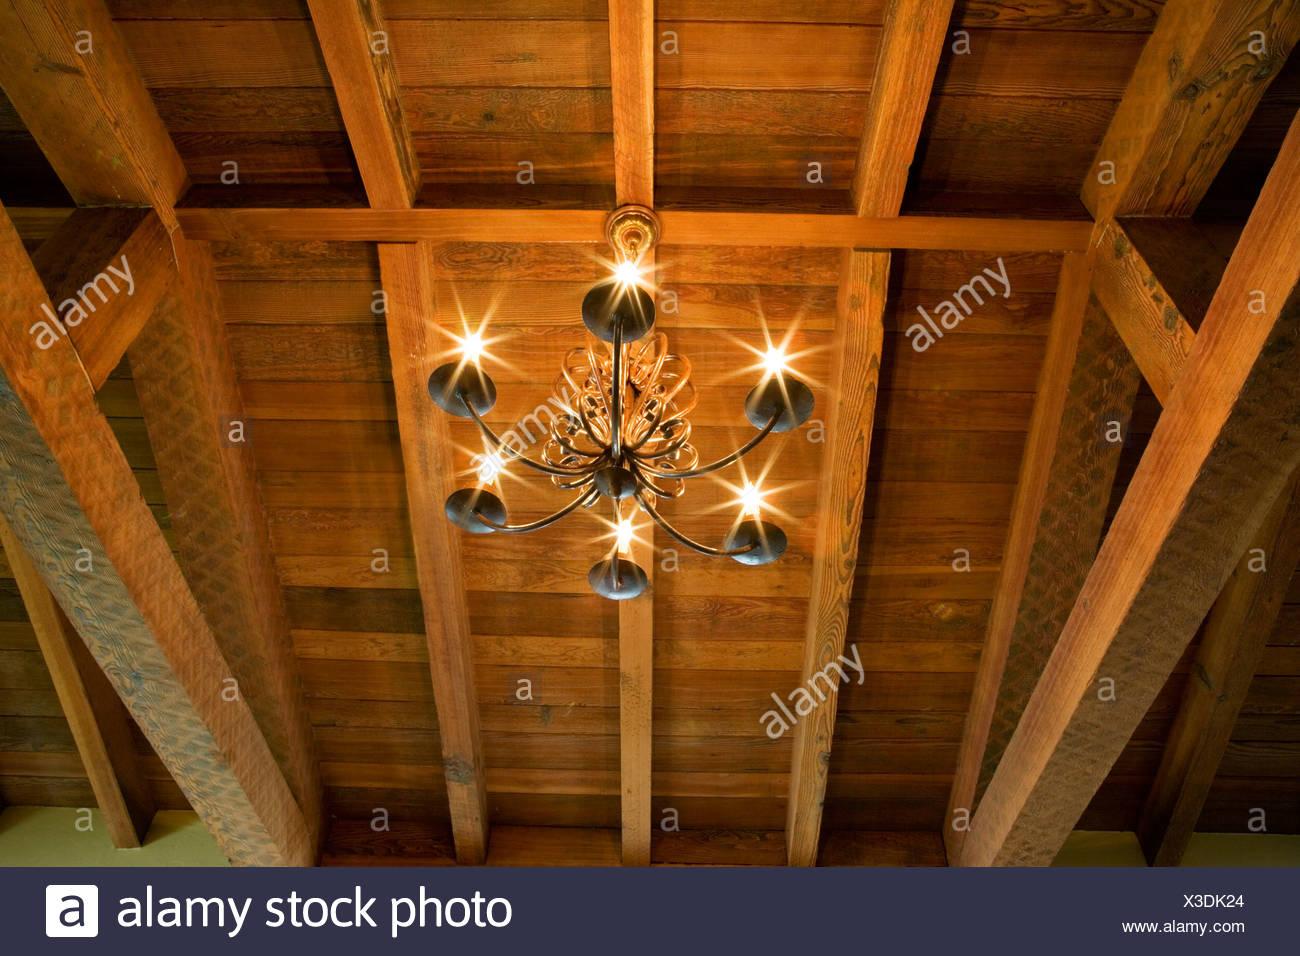 Lampadario In Legno Design : Dettaglio del lampadario in legno e il soffitto a travi foto